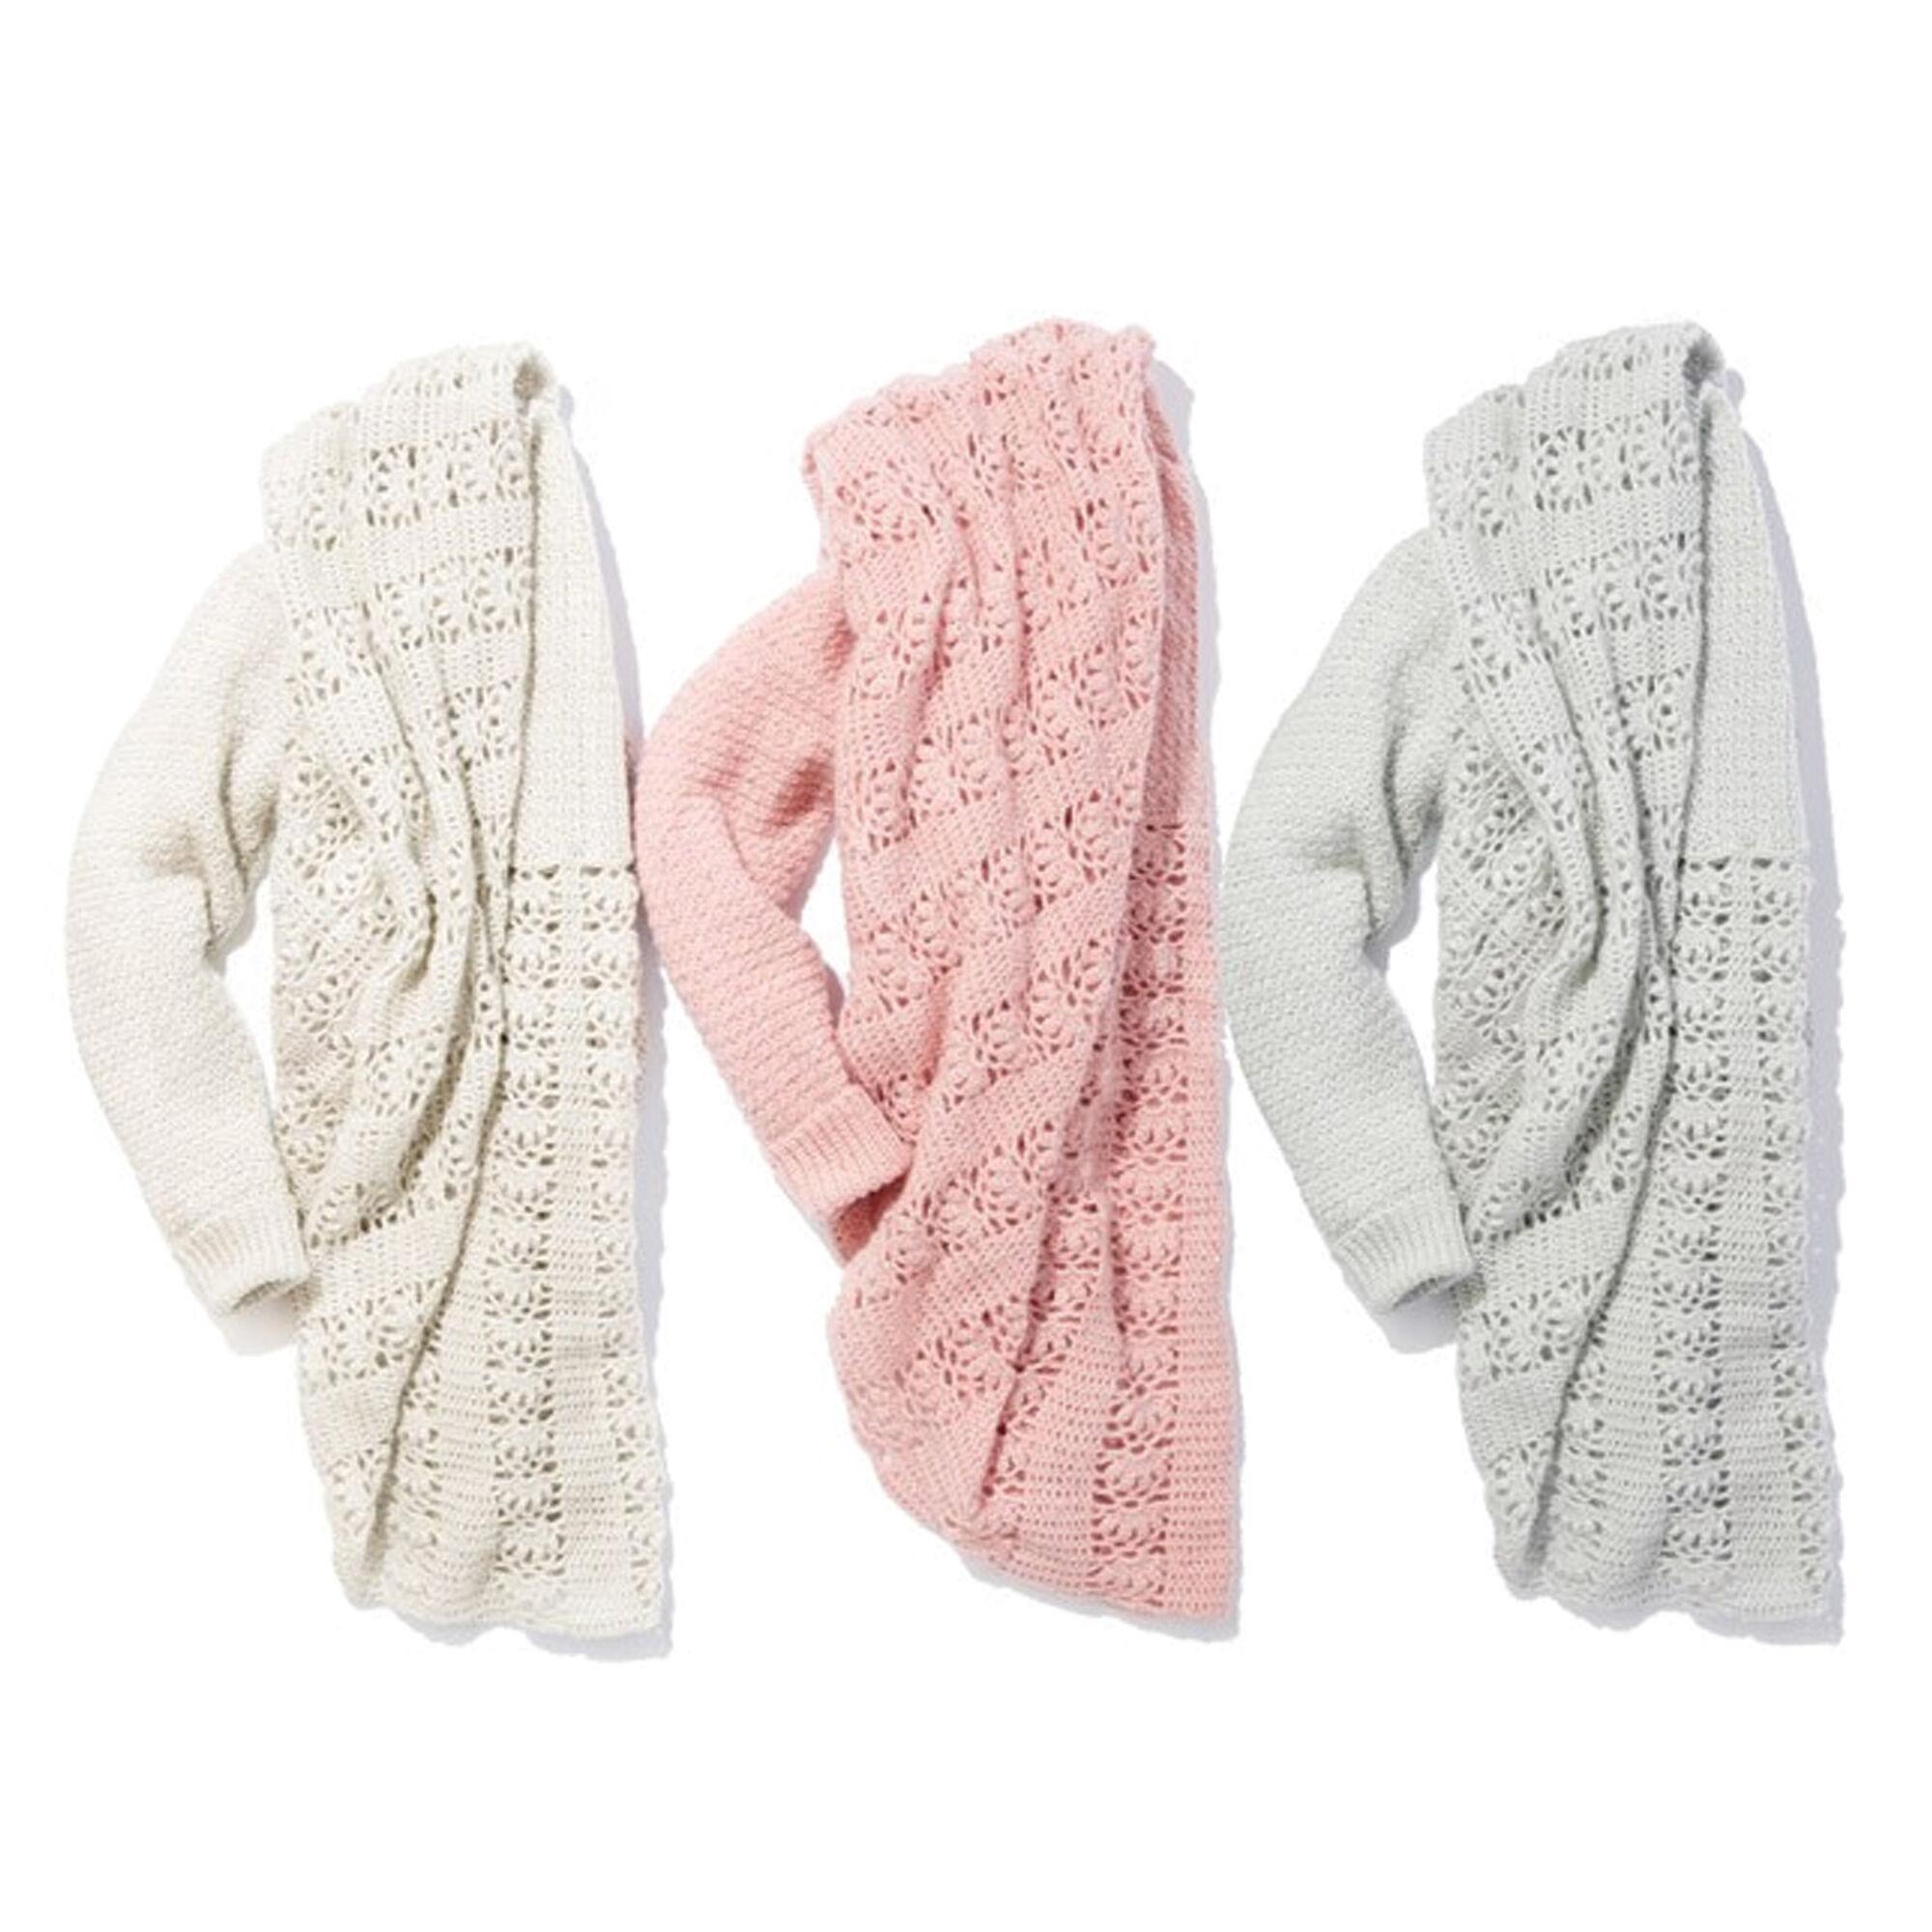 Patons Romantic Wrap, Gray - XL/2XL Pattern | Yarnspirations